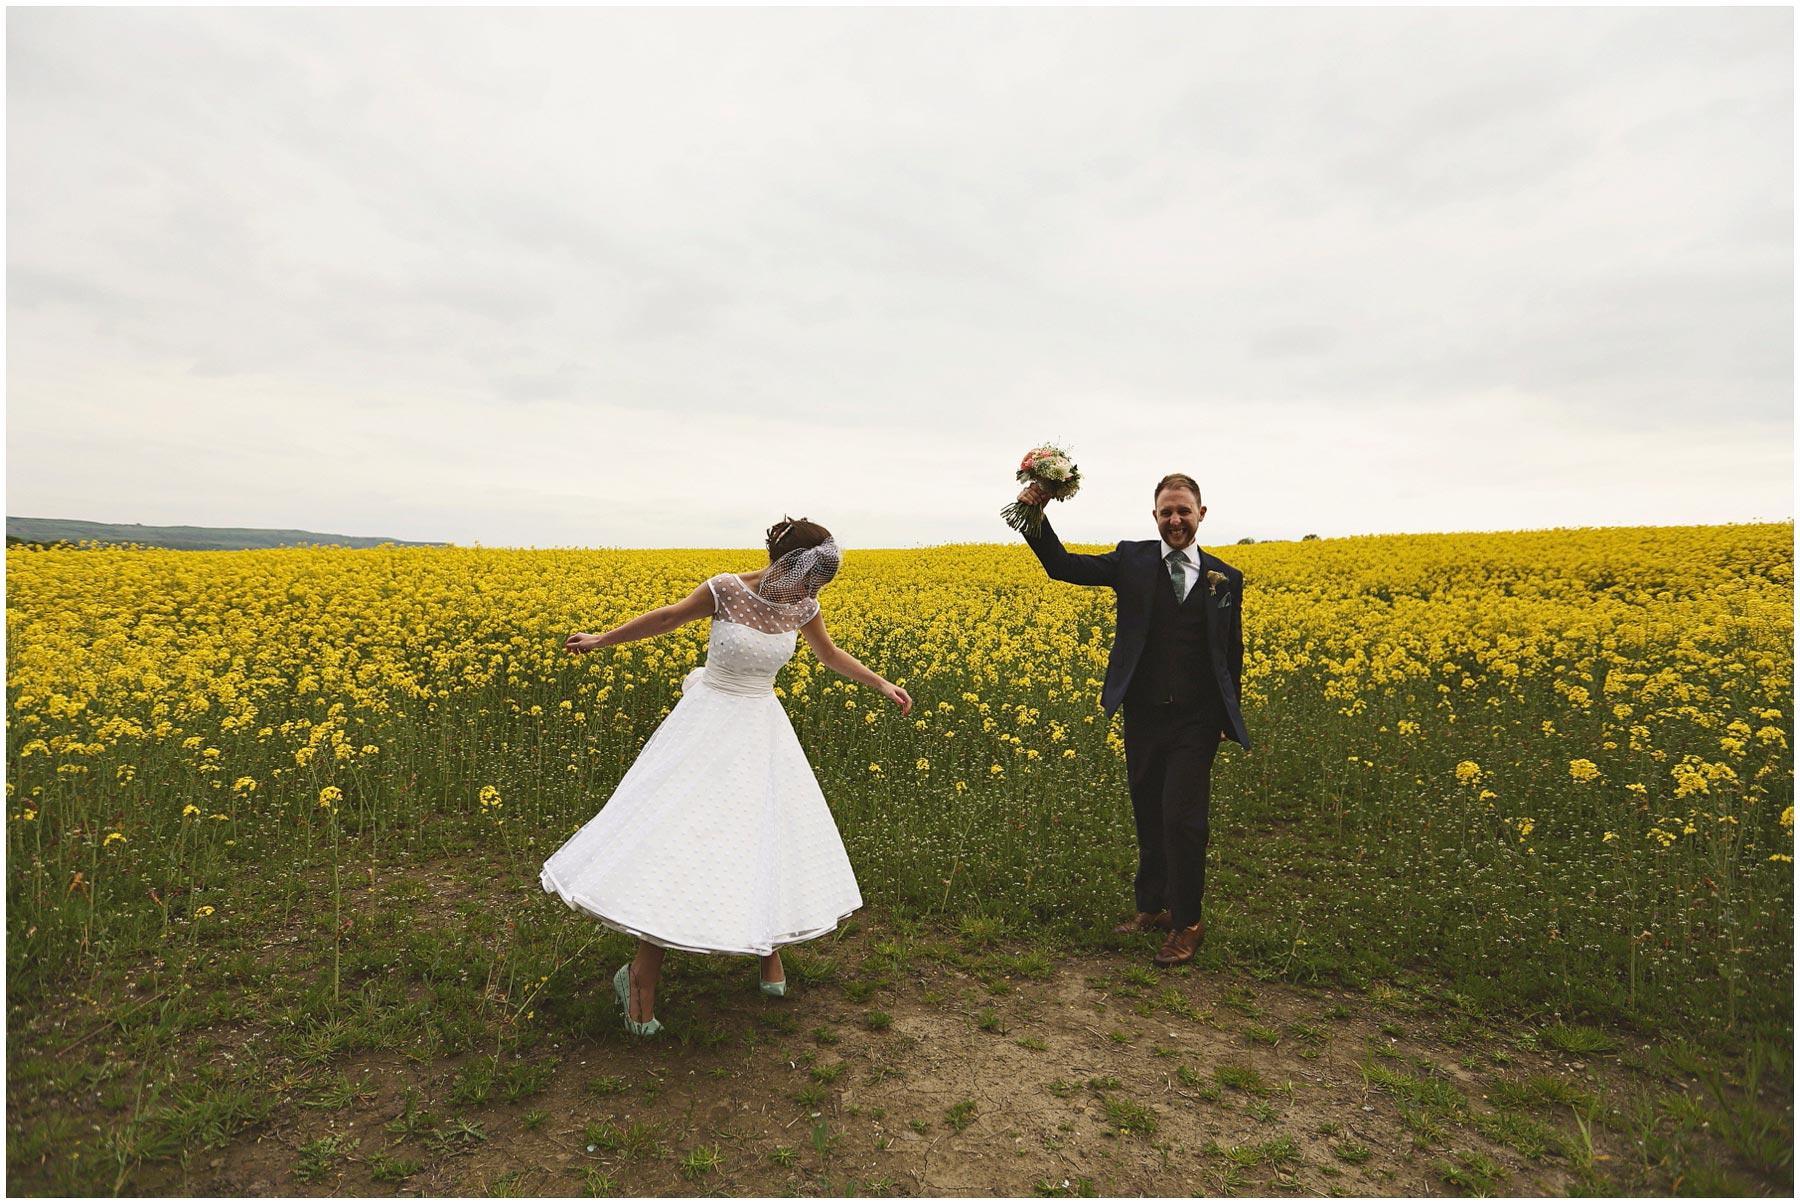 the-spiced-pear-wedding-photographer_0071